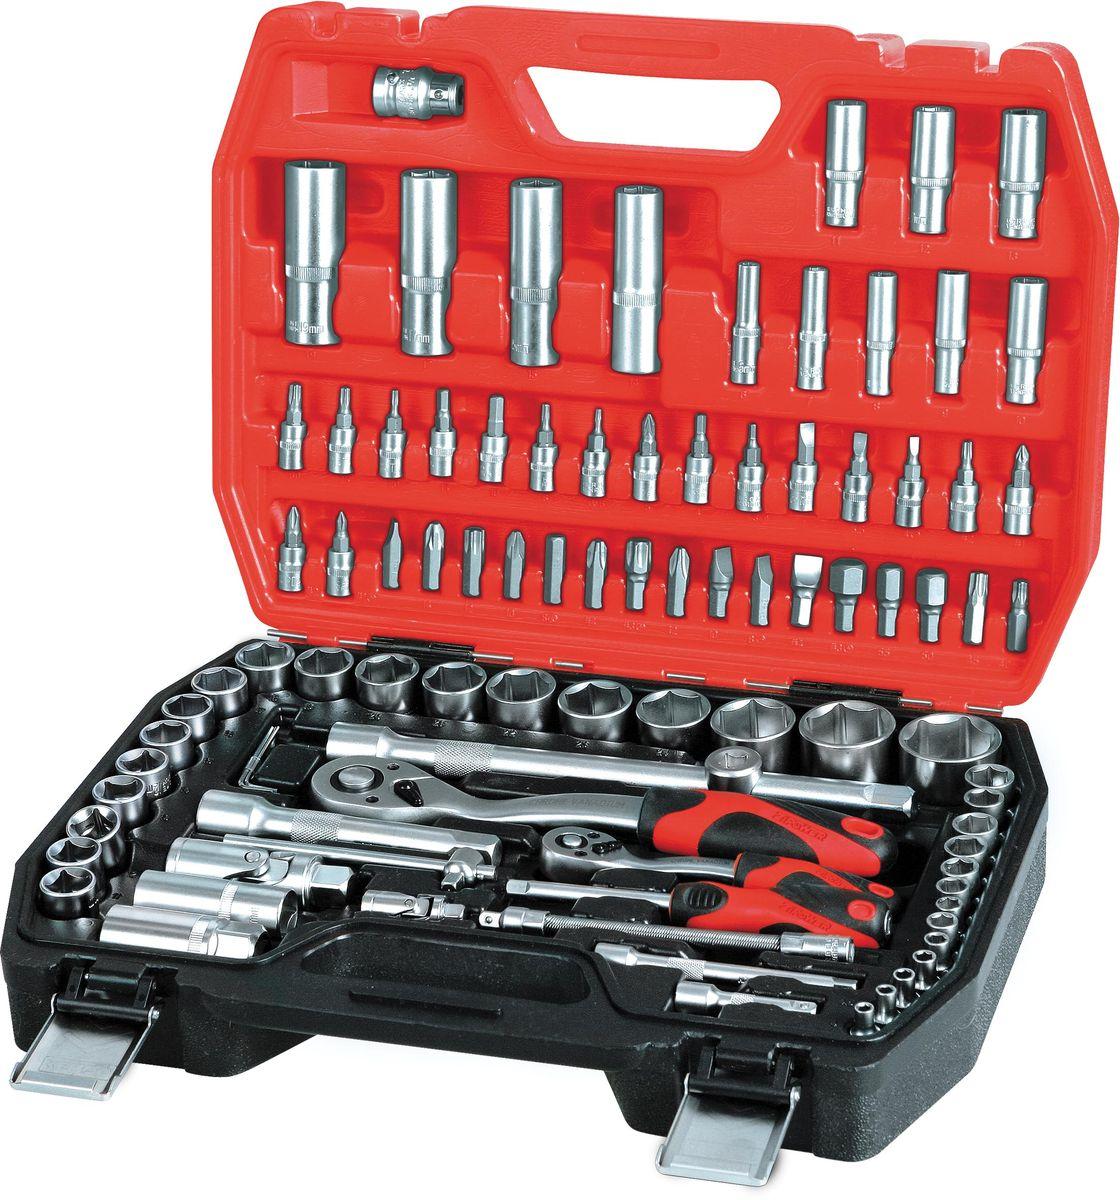 Набор инструментов Zipower, 94 предмета. PM 4113PM 4113Базовый набор основных торцевых головок с битами. В комплекте: шестигранные торцевые головки, удлинители, адаптер-переходник, шарниры, биты, переходник, рукоятка, скользящая Т-образная рукоятка, трещотка.Тщательно подобранный ассортимент инструмента удовлетворит запросы и начинающего автовладельца, и профессионального механика.Применение специальной технологии закалки и термической обработки хромованадиевой стали гарантирует высокую прочность инструмента, его износоустойчивость при интенсивном использовании.Двухкомпонентные рукоятки обеспечивают комфорт во время выполнения работ.Количество предметов: 94 шт.Материал инструмента: Cr-V